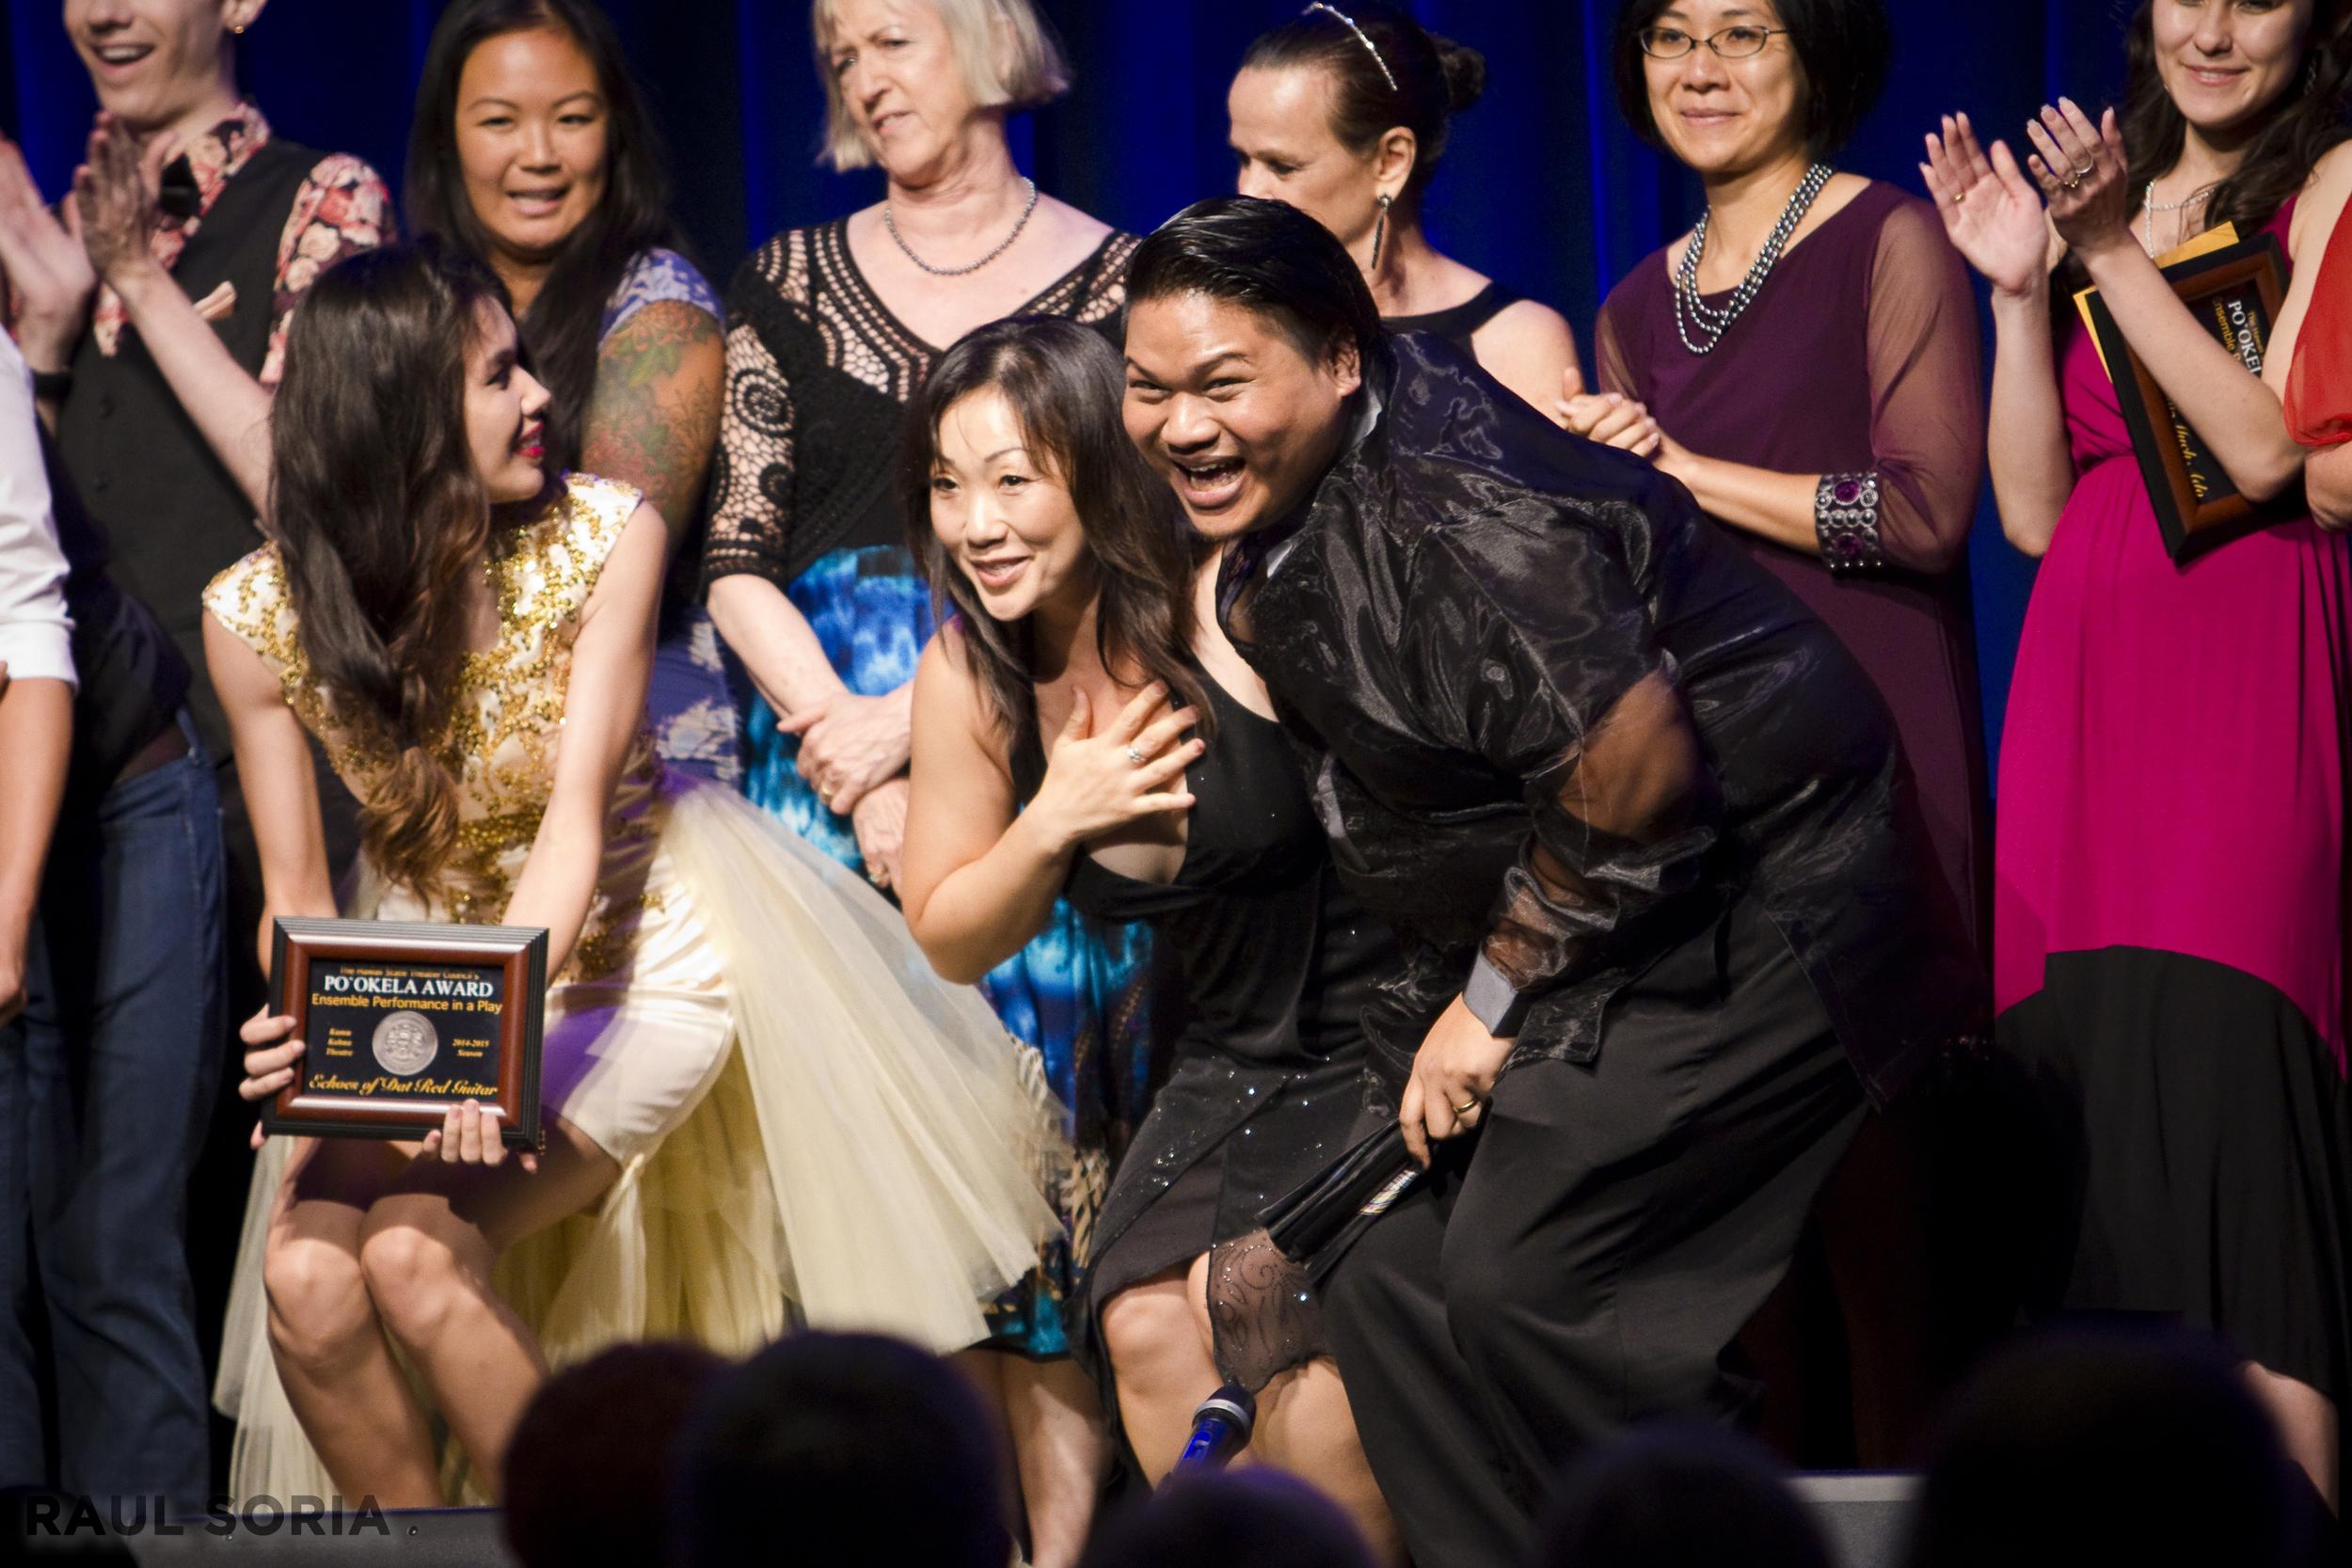 Pookela Awards_081015_60_RS.jpg